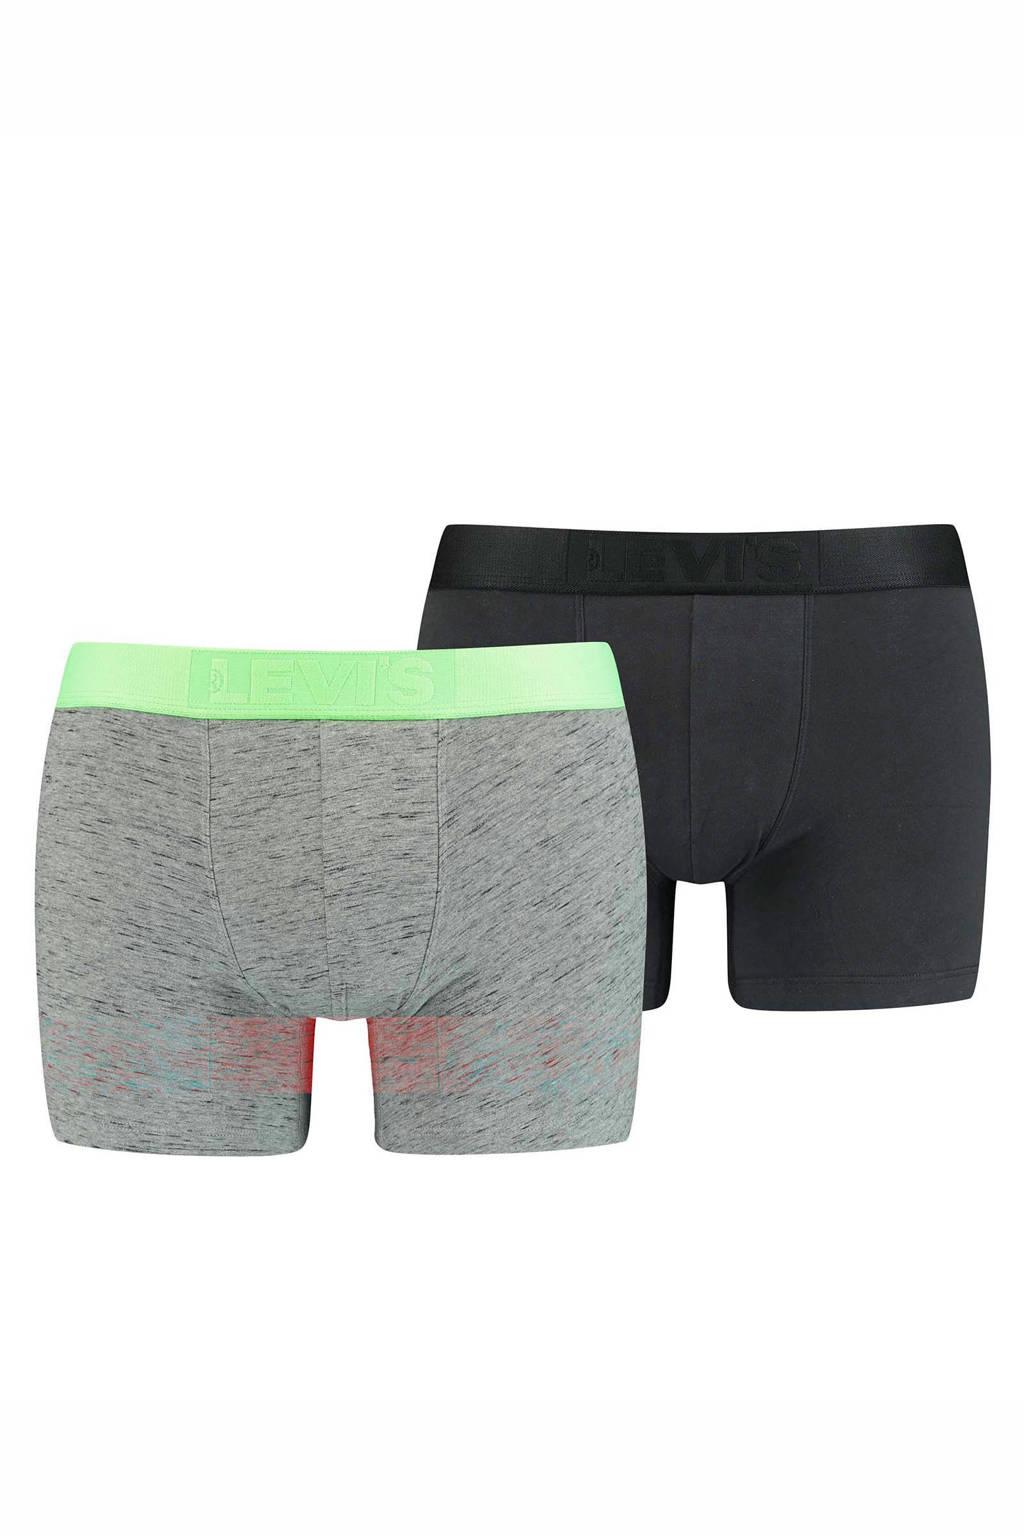 Levi's boxershort (set van 2), Zwart/groen